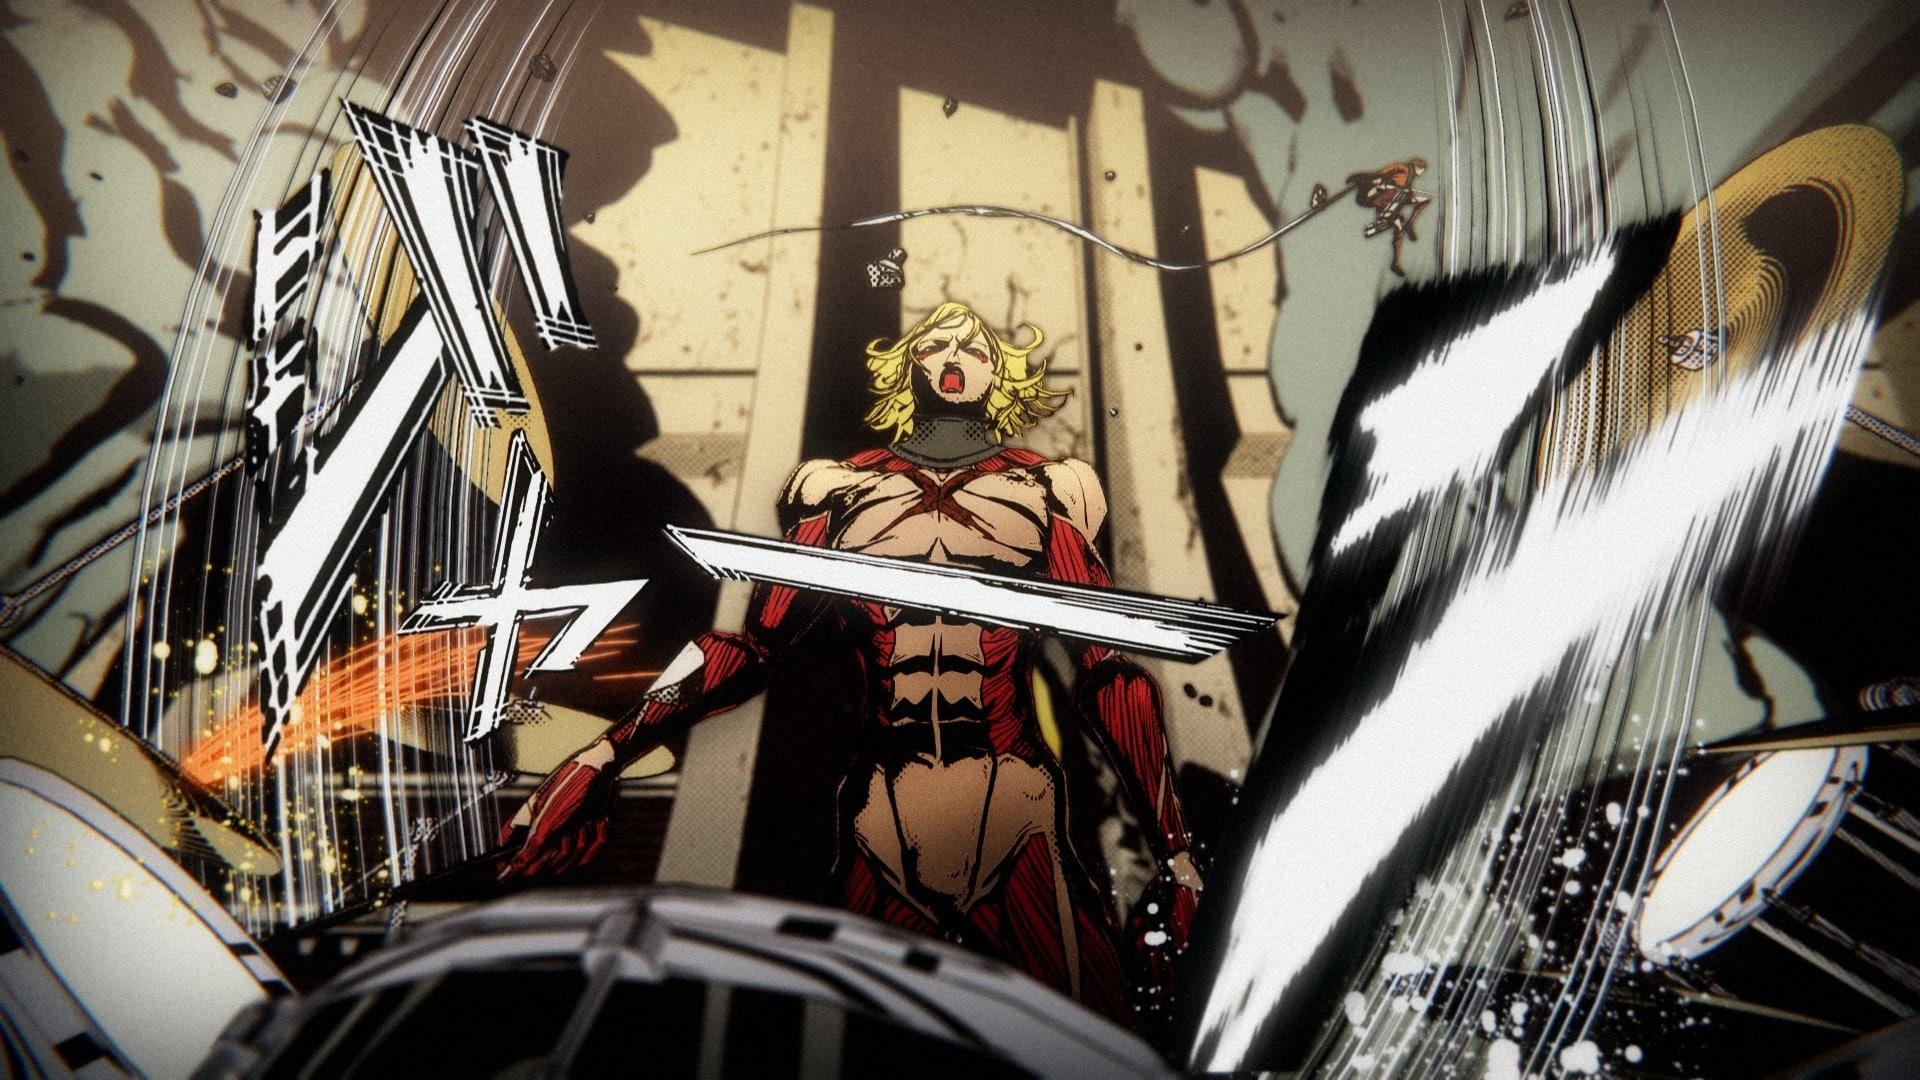 YOSHIKIの『進撃の巨人』ワンダ新CMで思い出す「バカボン出演」の不思議の画像002